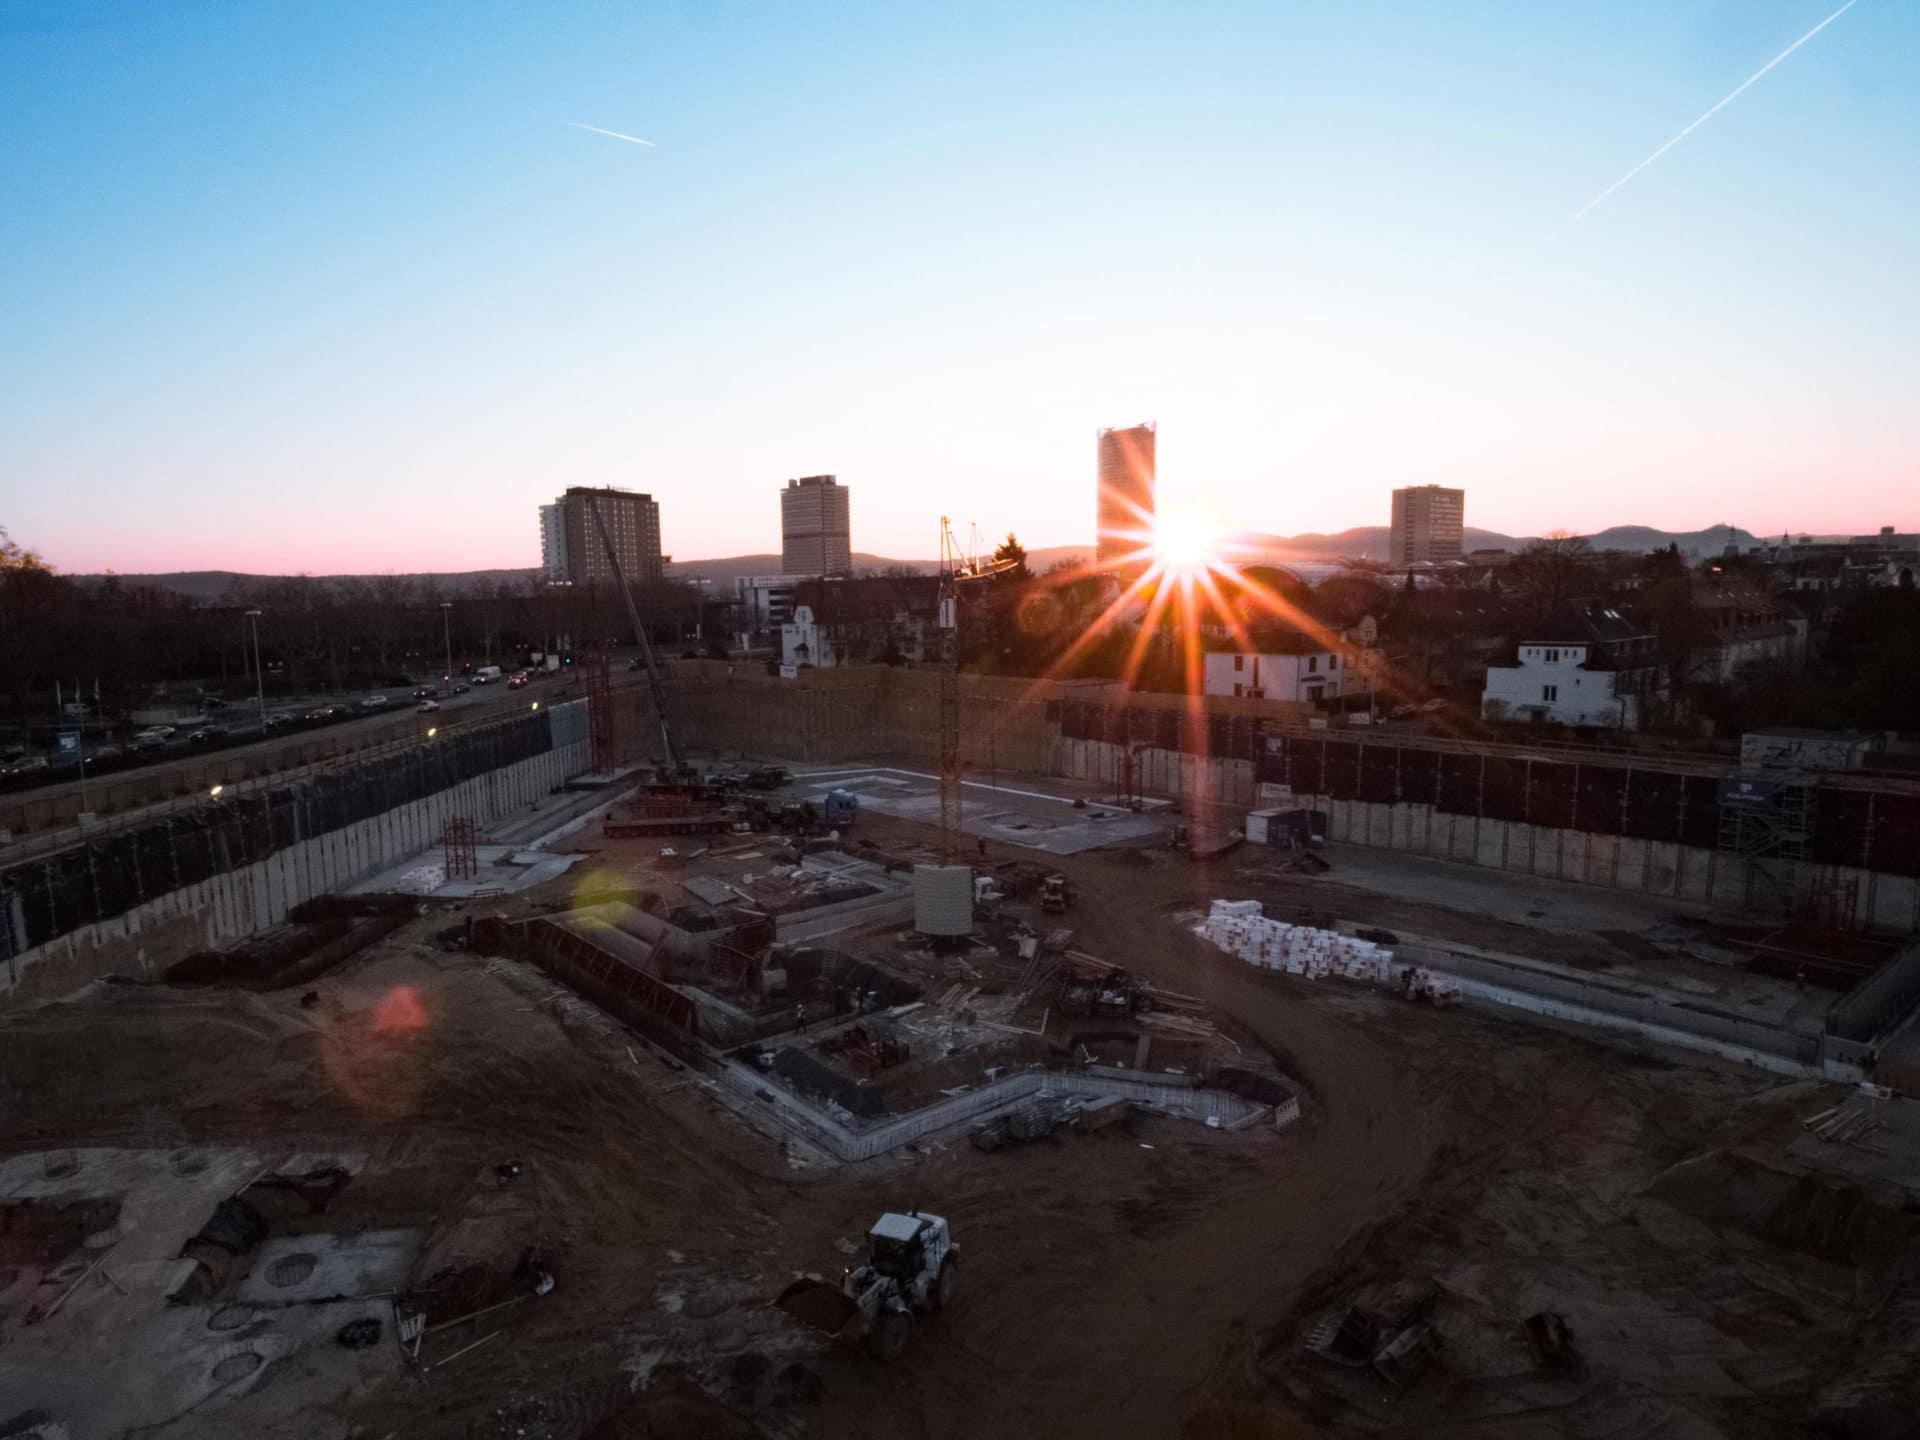 Baustelle Neuer Kanzlerplatz von oben